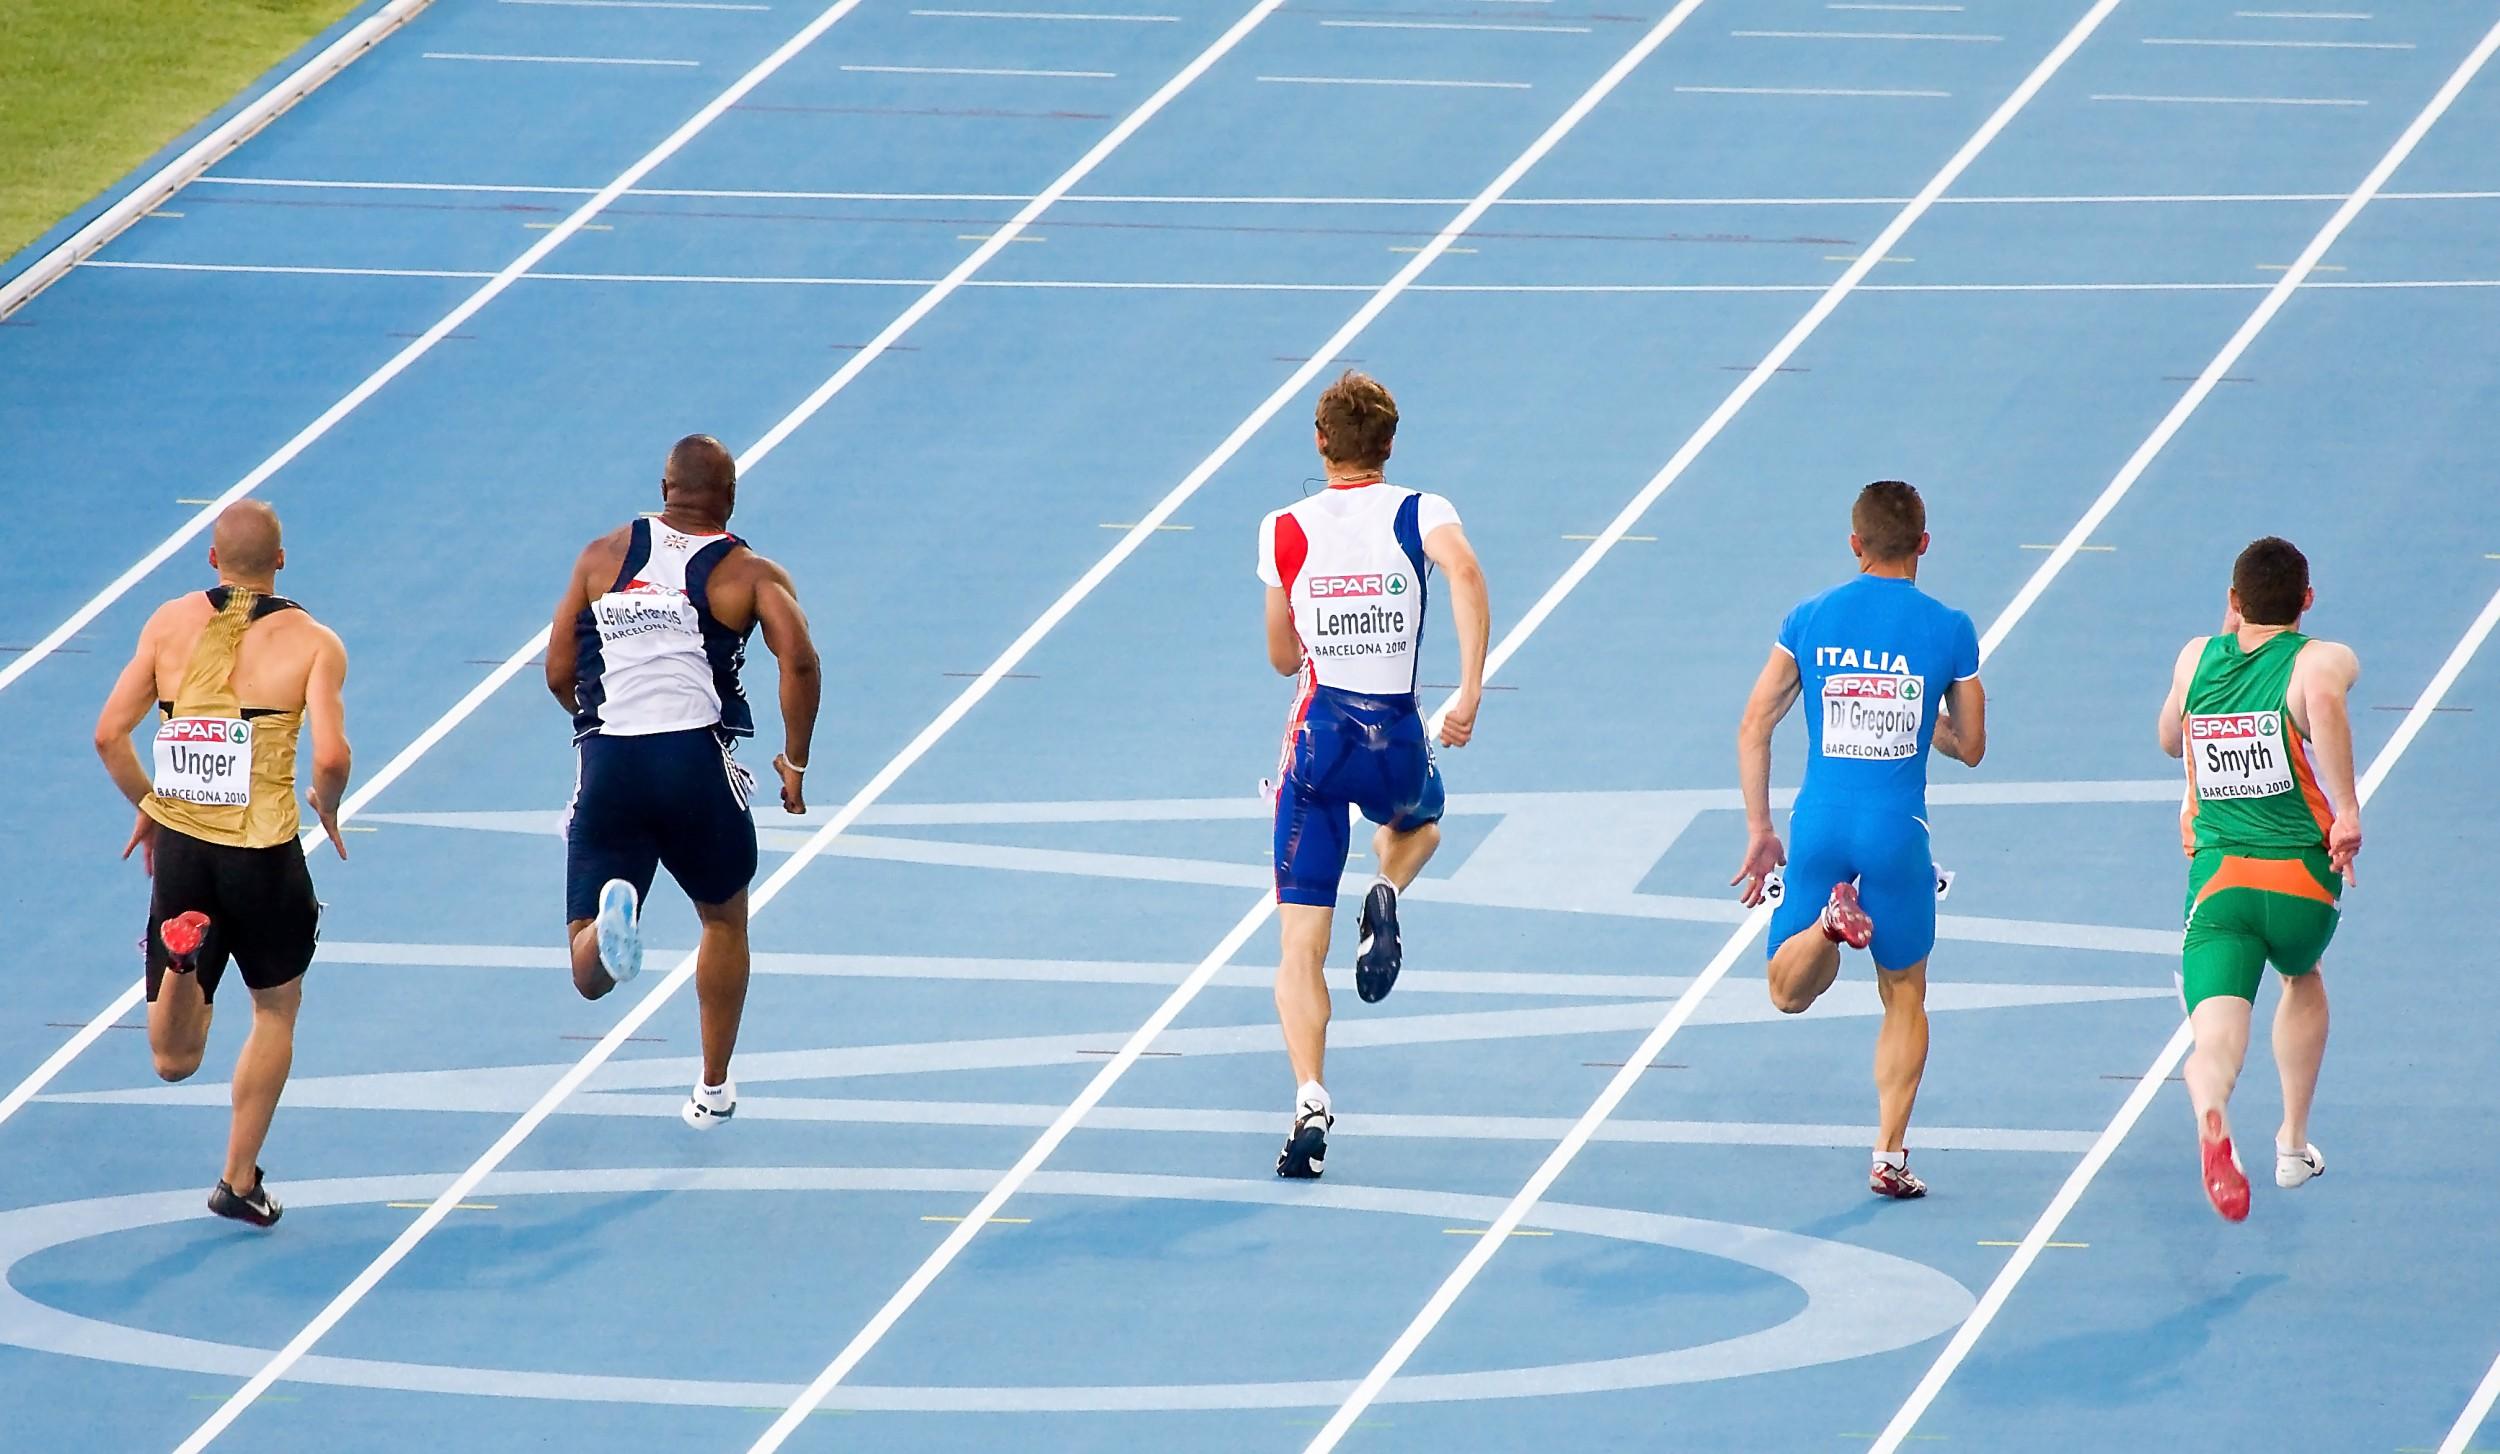 31e1fefc8 Esporte  Atletismo de Pista. Foto  Natursports   Shutterstock.com